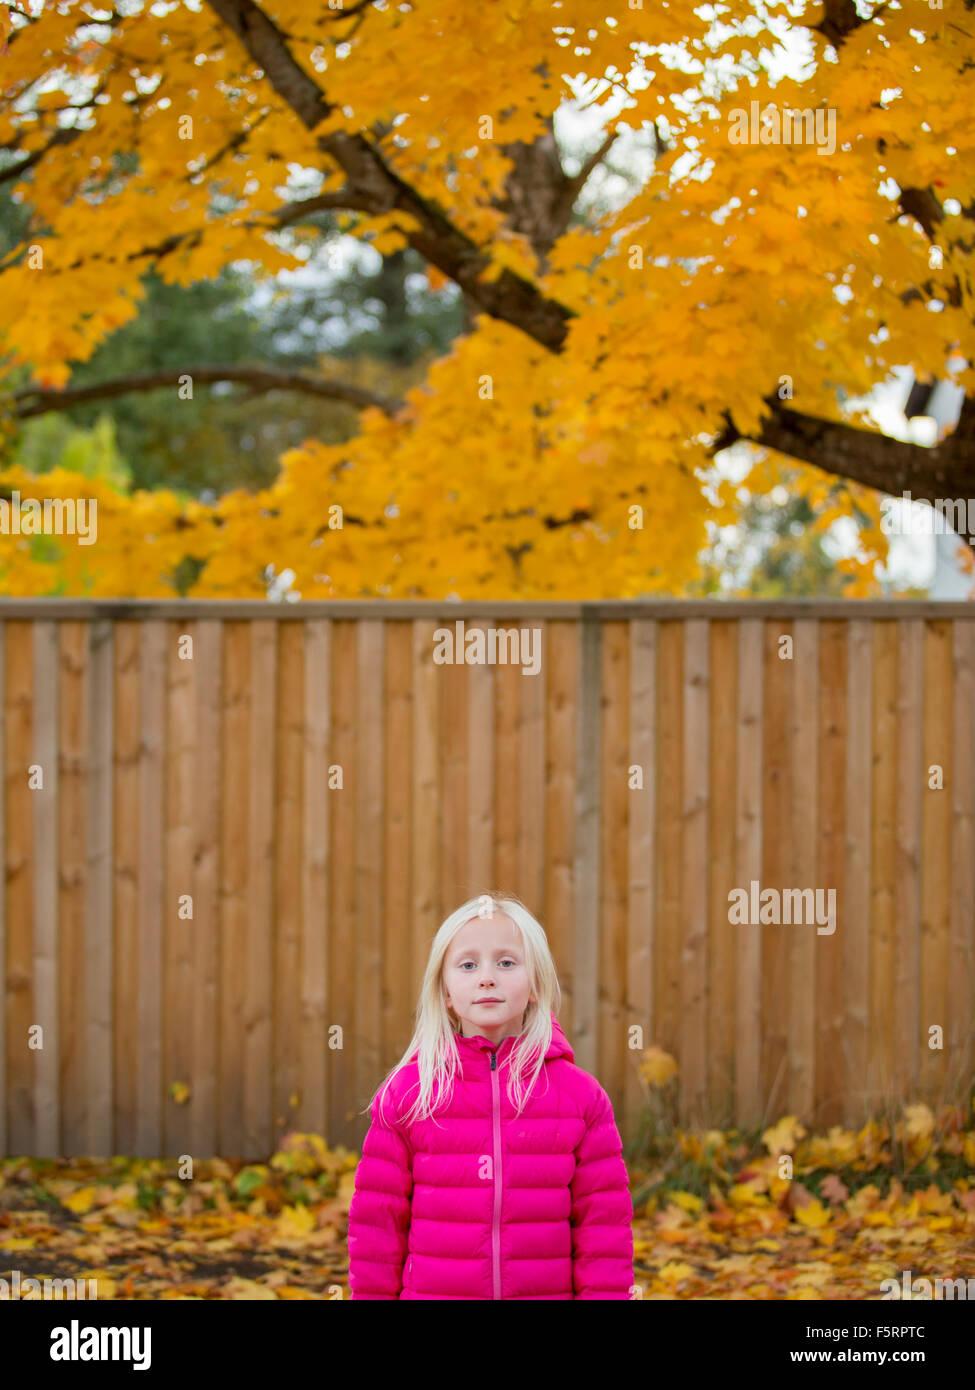 Schweden, Vastergotland, Lerum, Portrait eines Mädchens (4-5) in rosa Jacke Stockbild